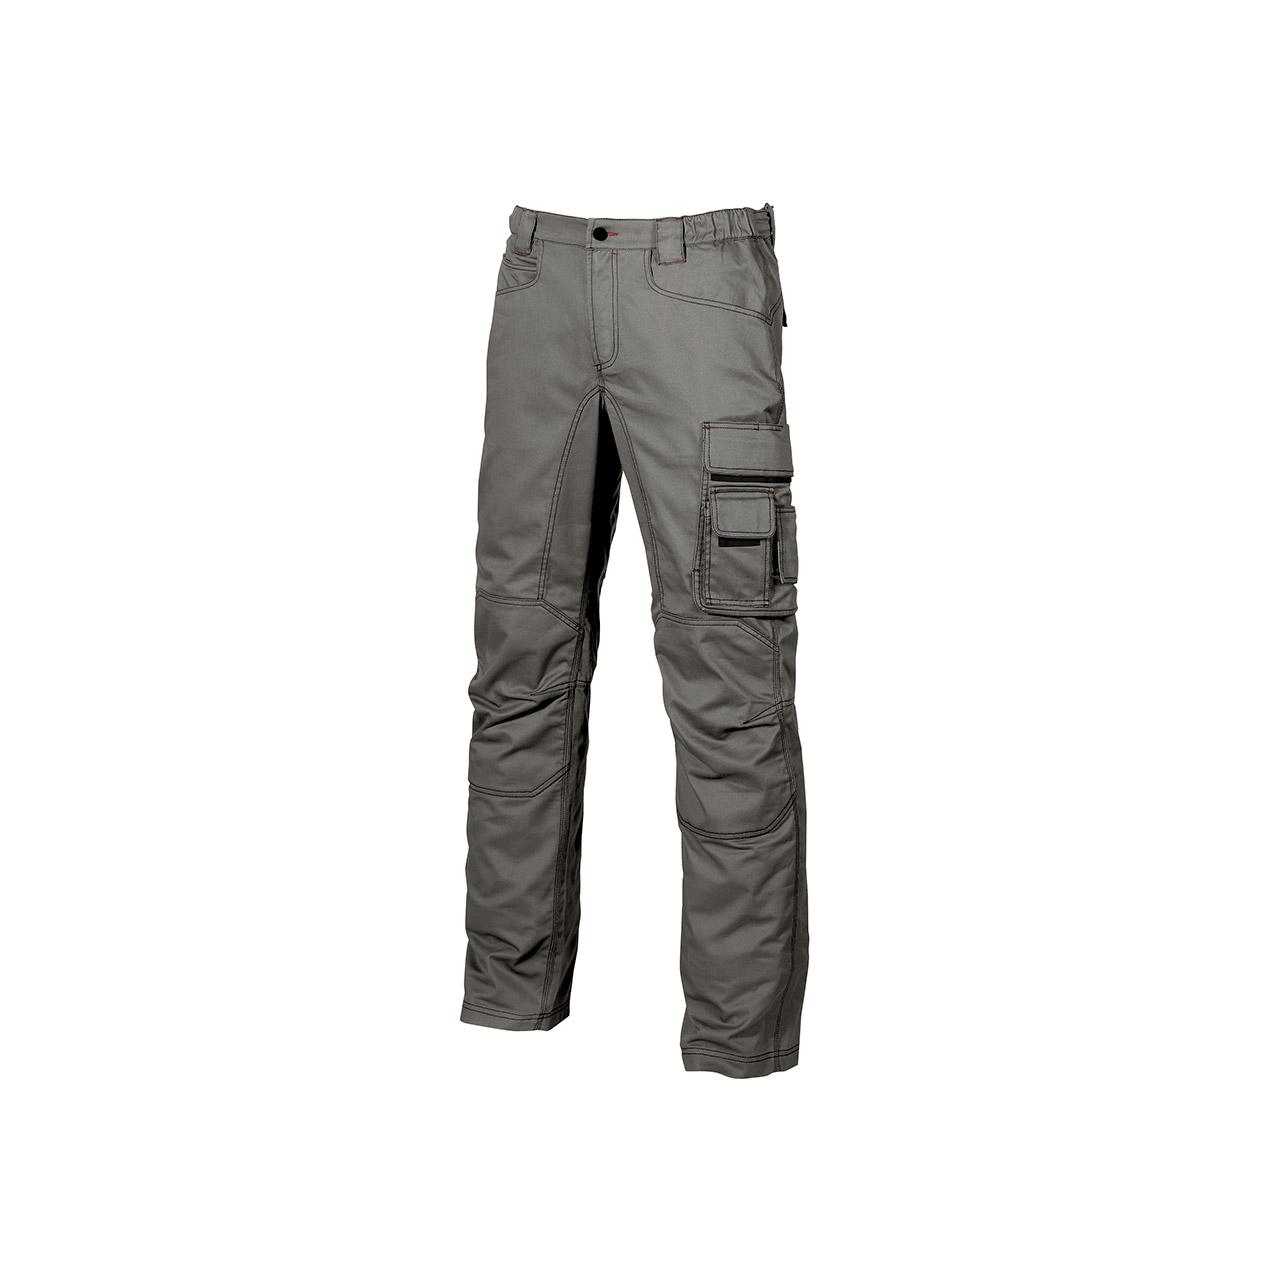 pantalone da lavoro upower modello smile colore stone g